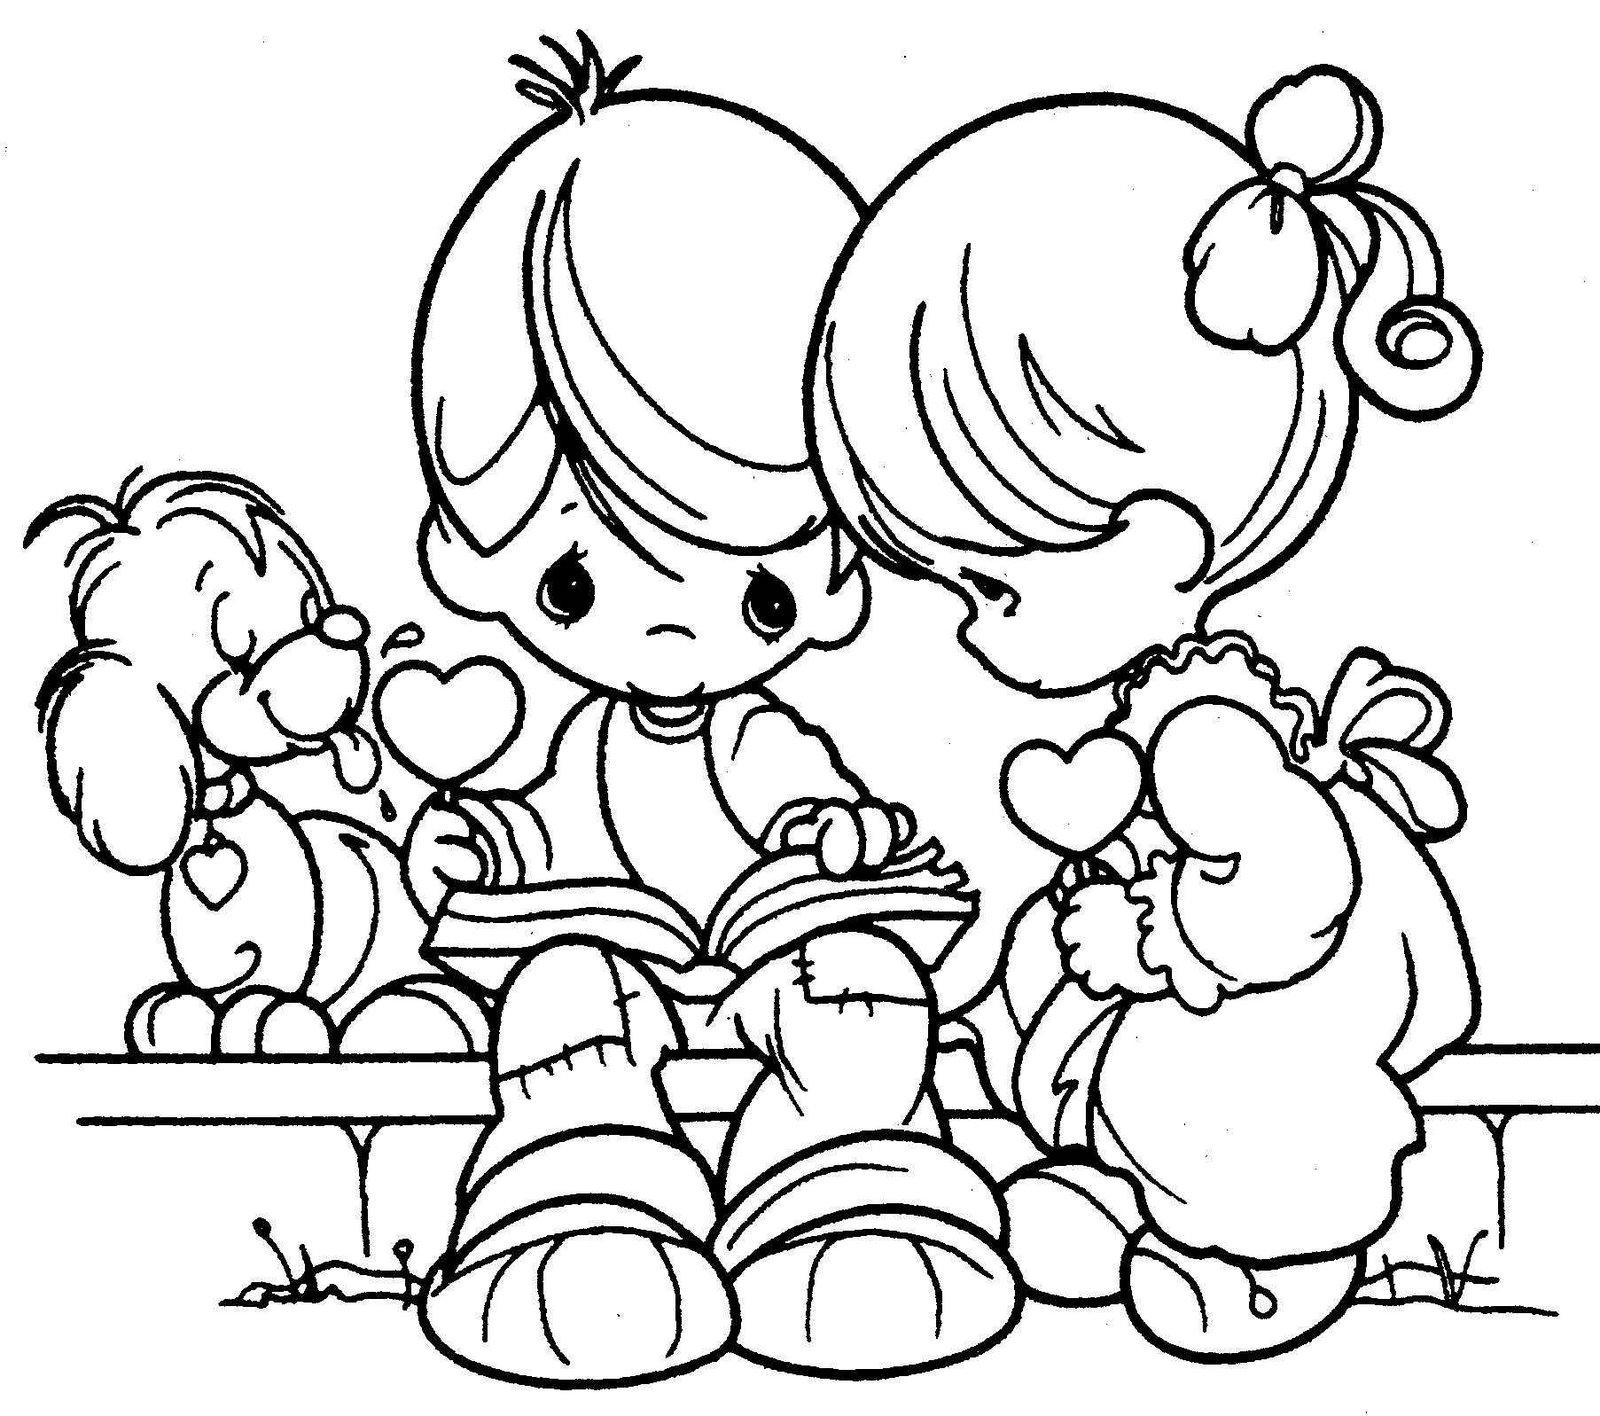 Descargar Dibujos Para Colorear De Amor Y Amistad